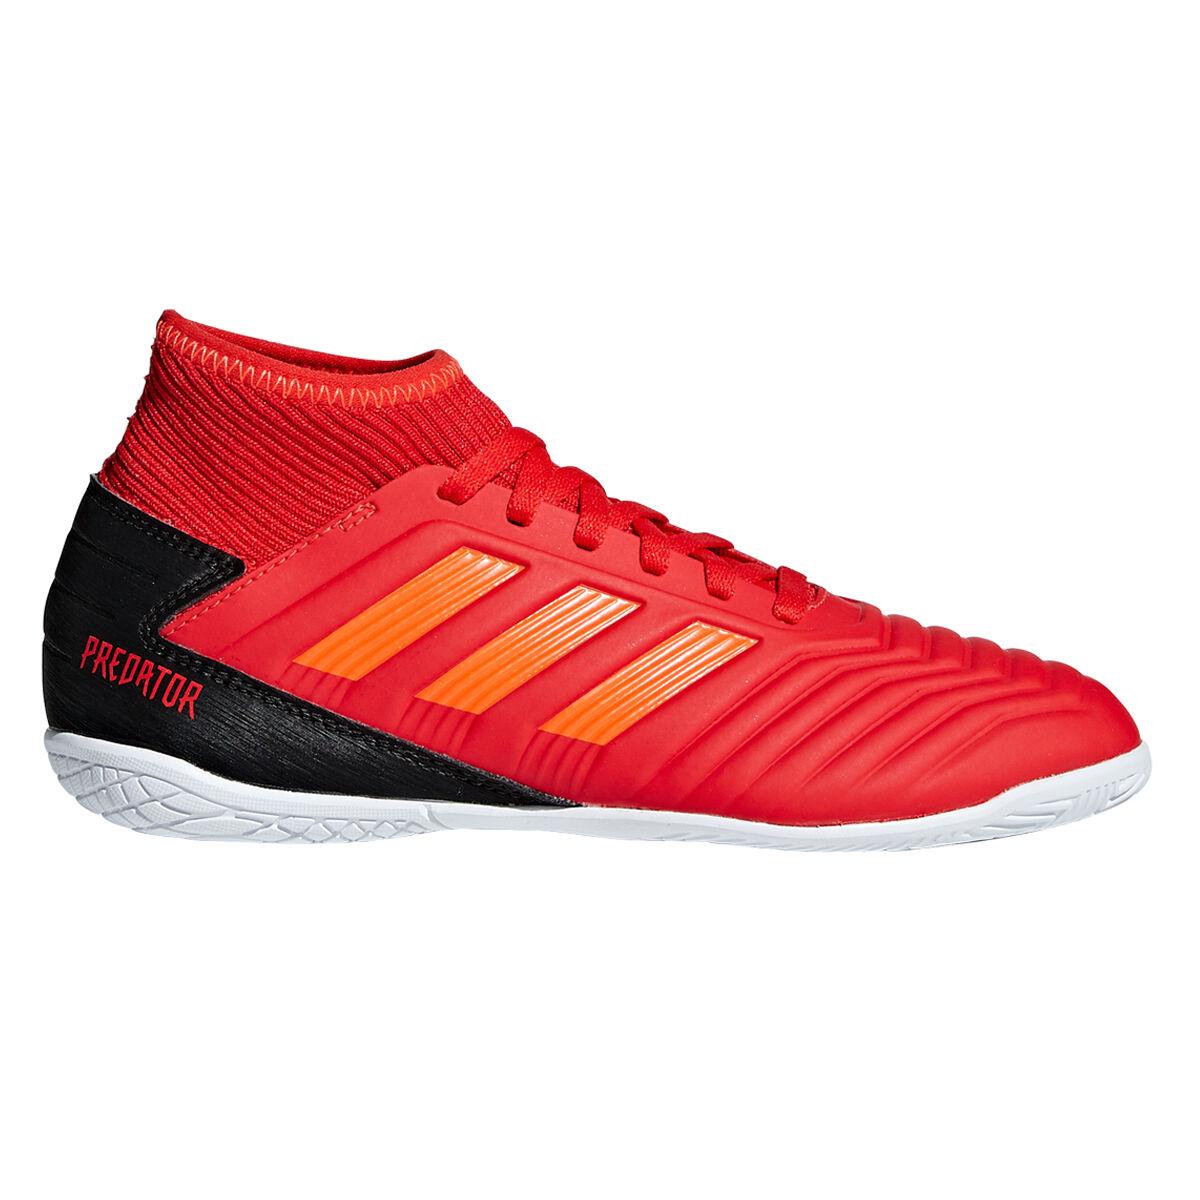 d475280c2 ... canada adidas predator tango 19.3 kids indoor soccer shoes red black  rebelhi res 3d704 1f875